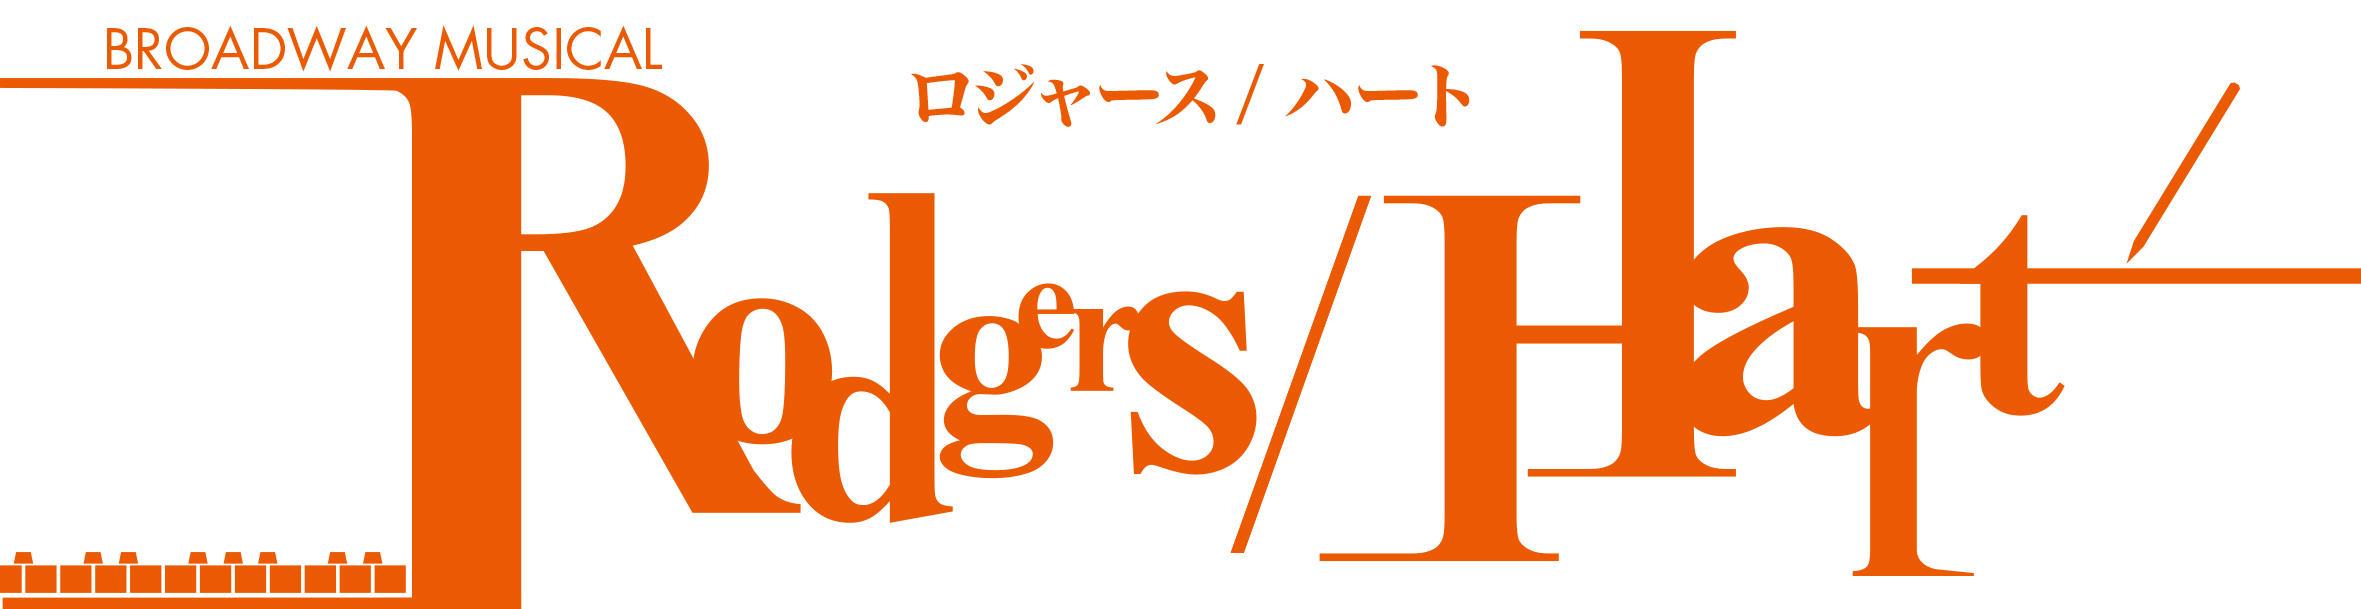 ブロードウェイ・ミュージカル「ロジャース/ハート」